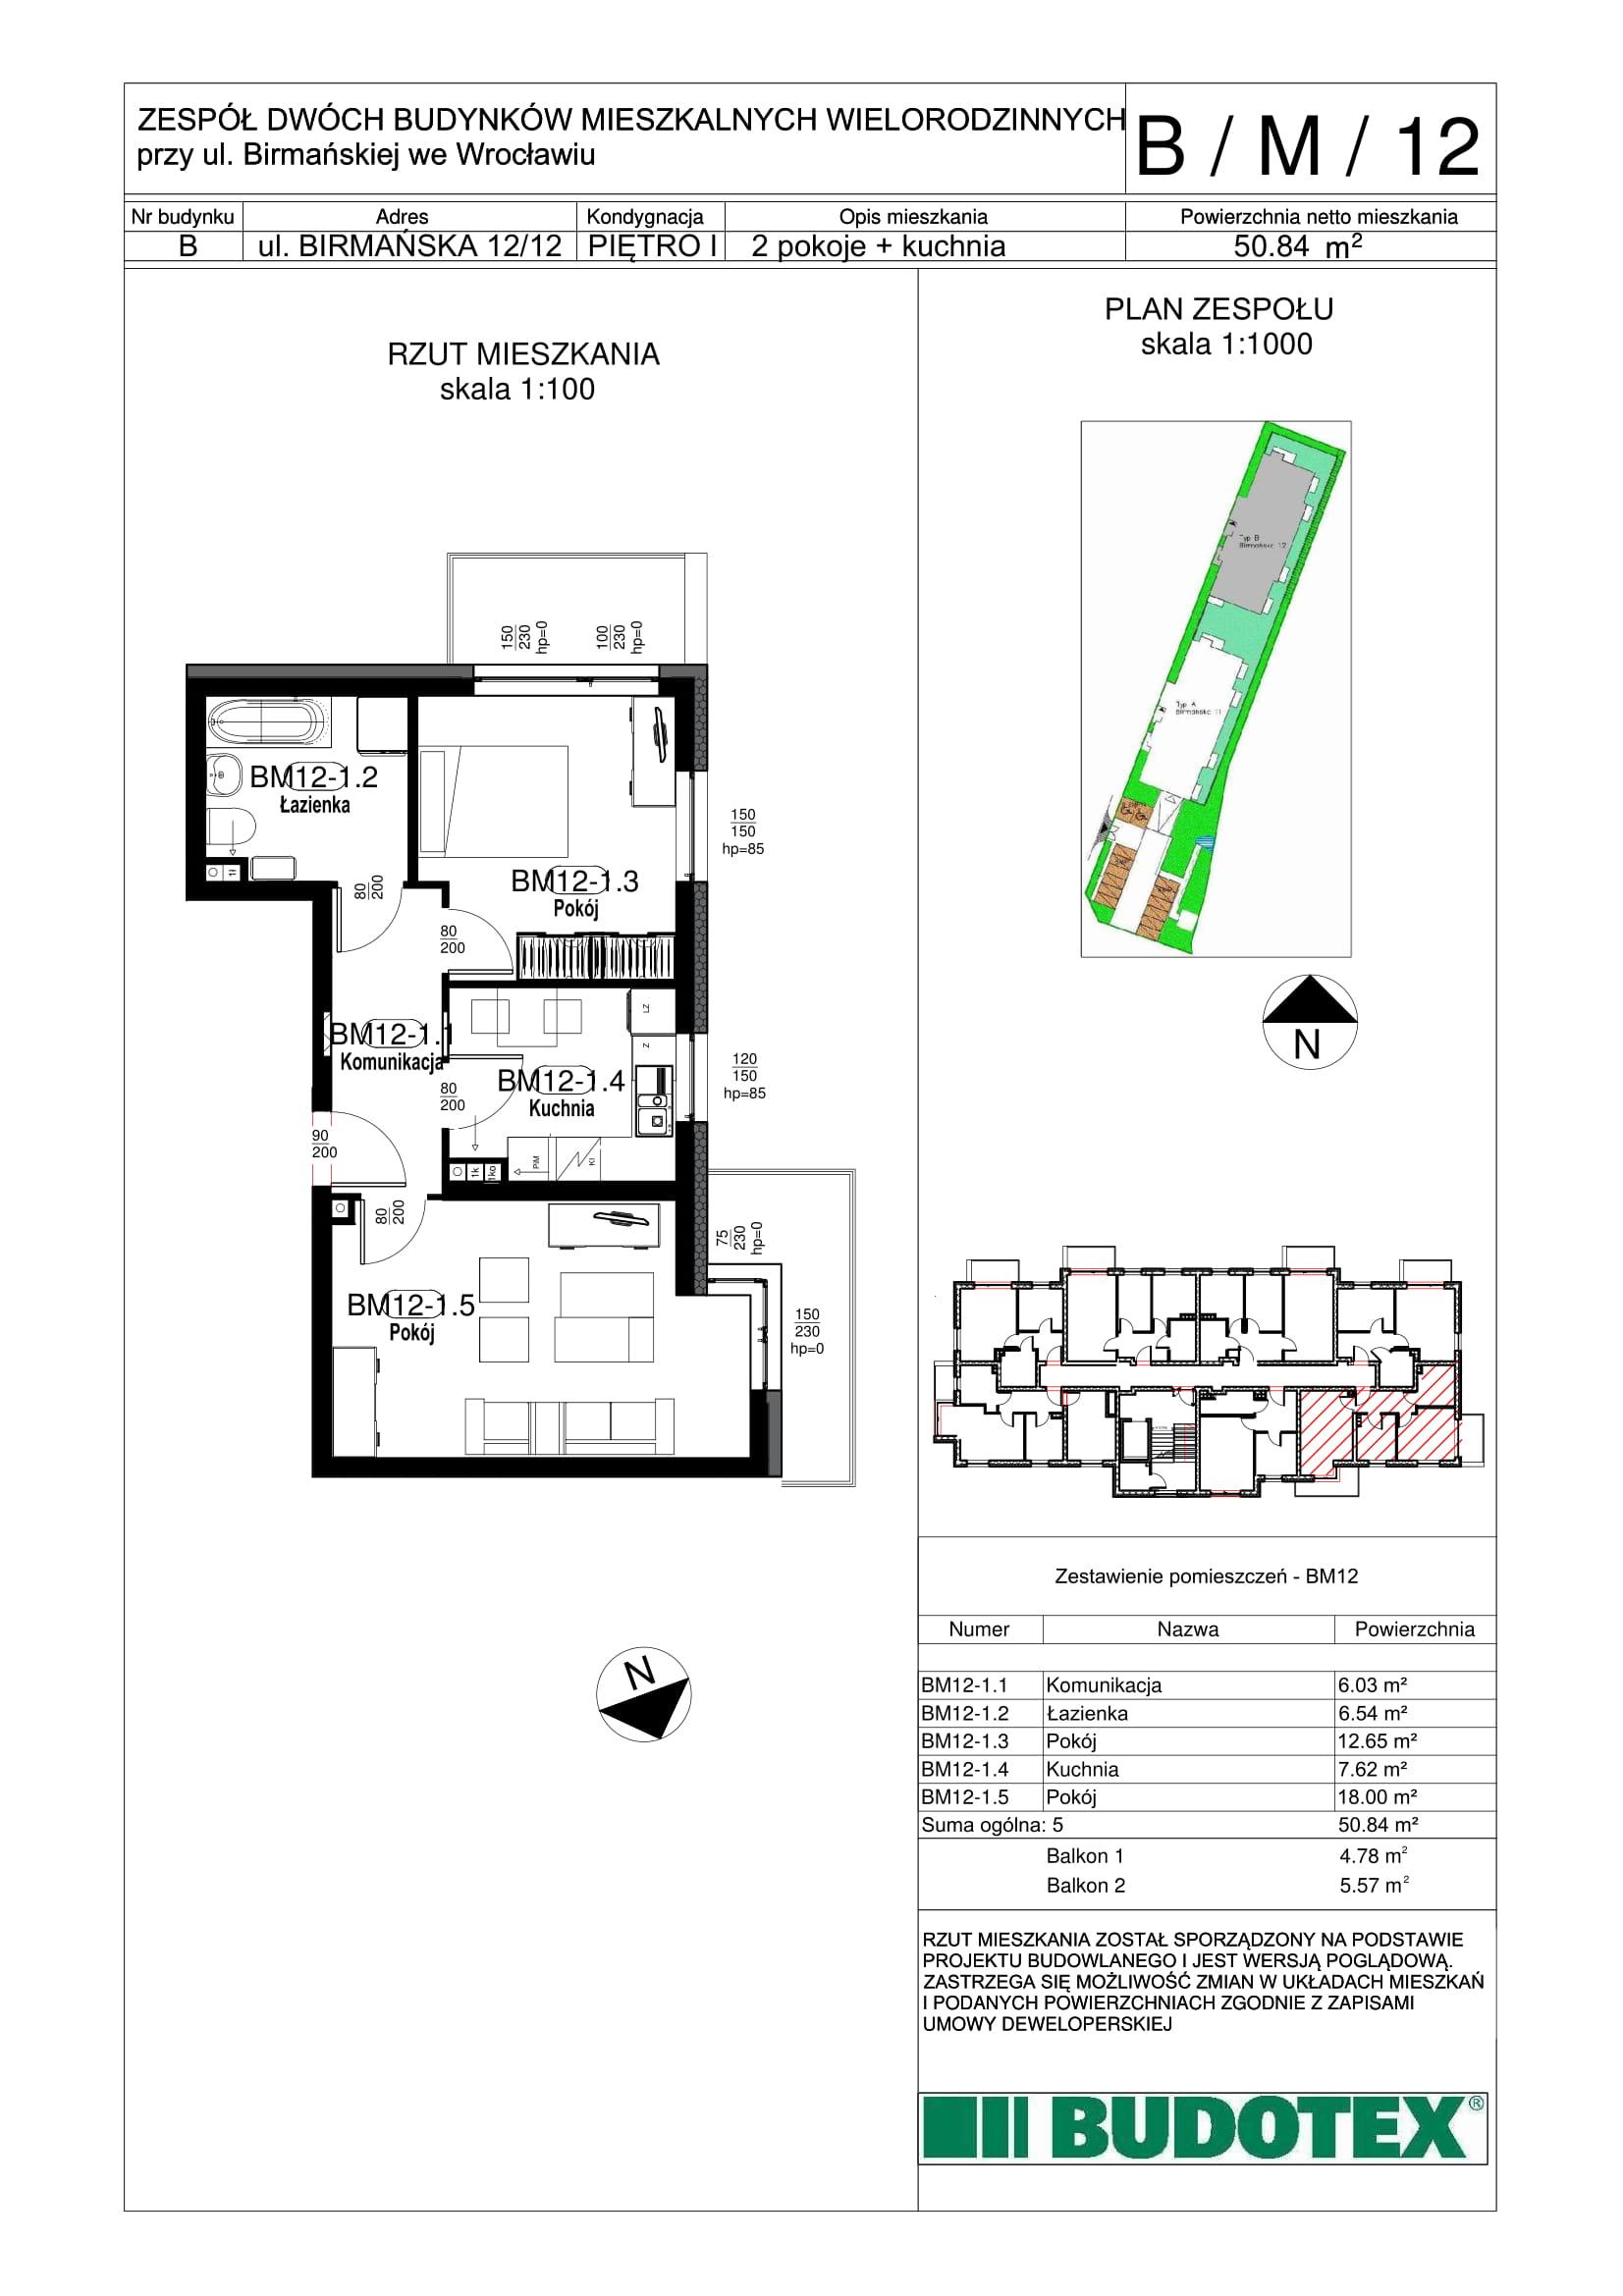 Mieszkanie nr B/M/12